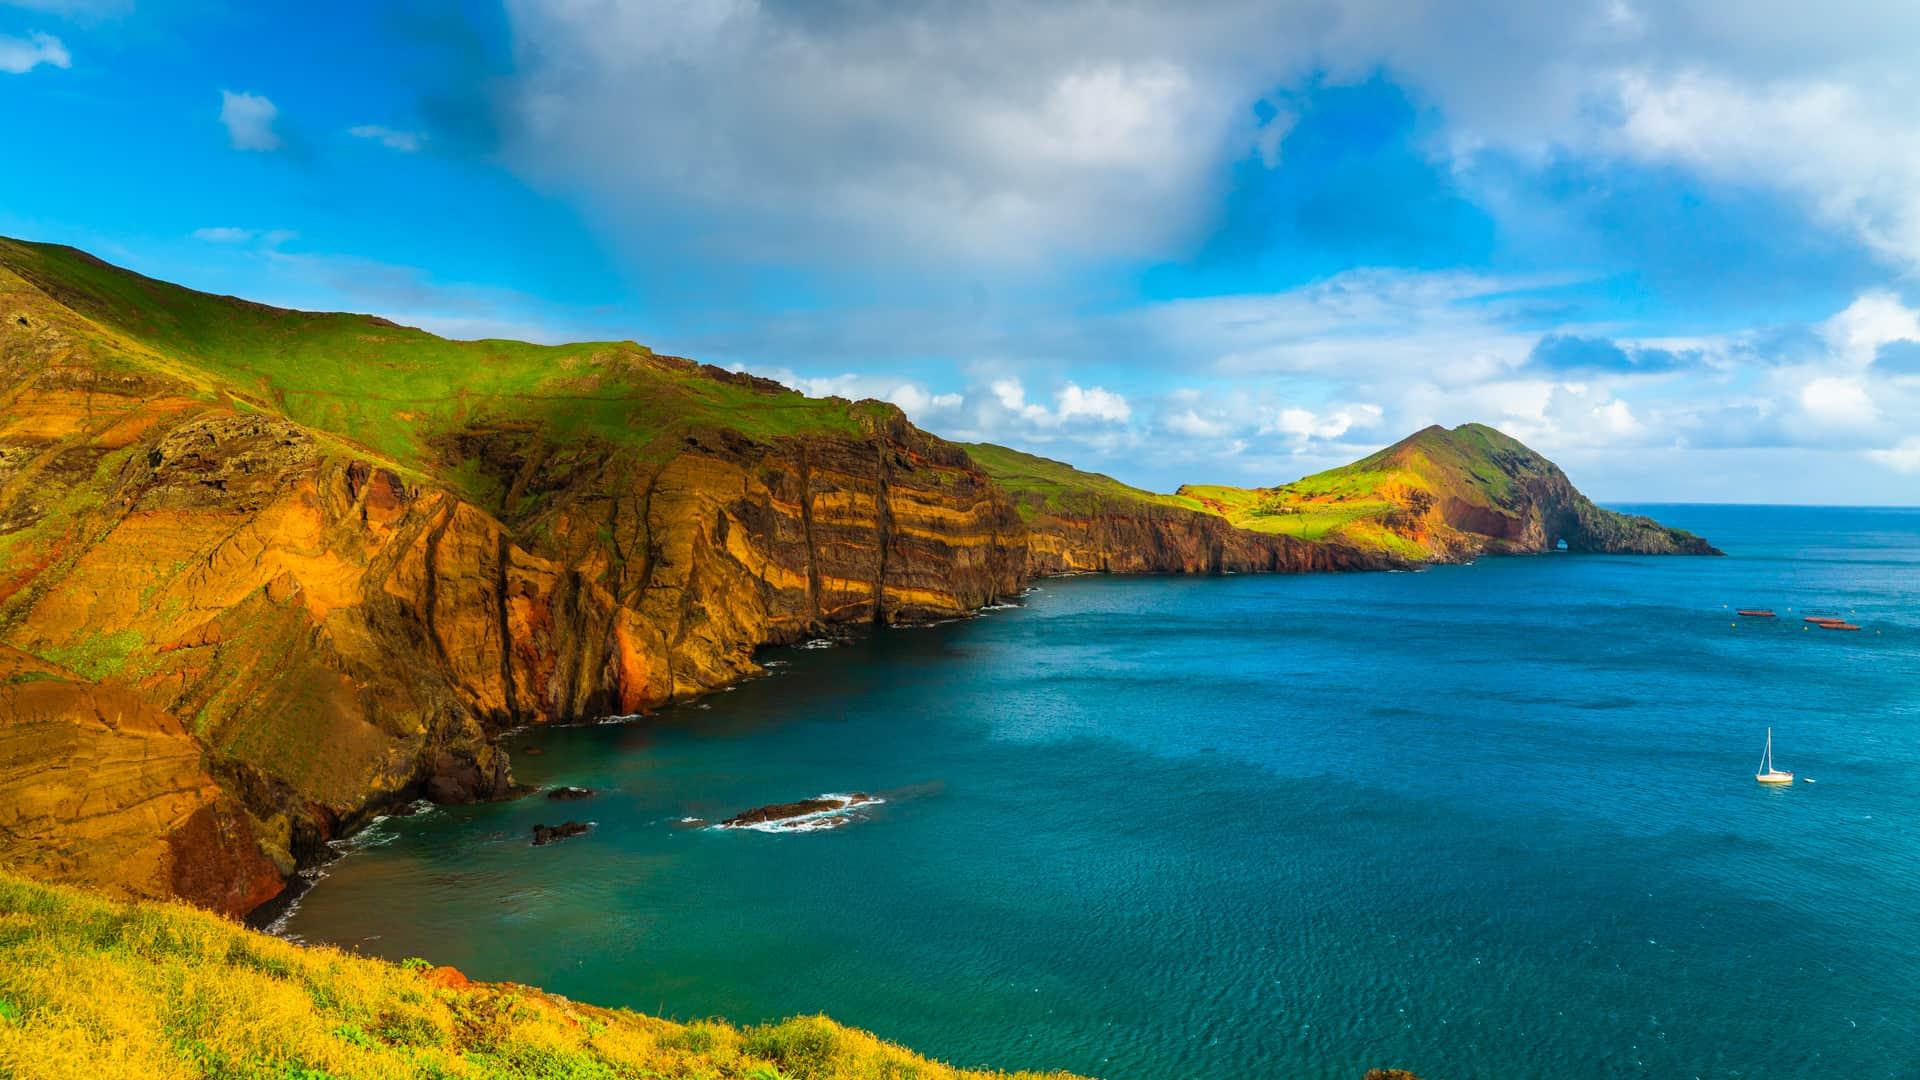 ponta-de-são-lourenço-coastal-view